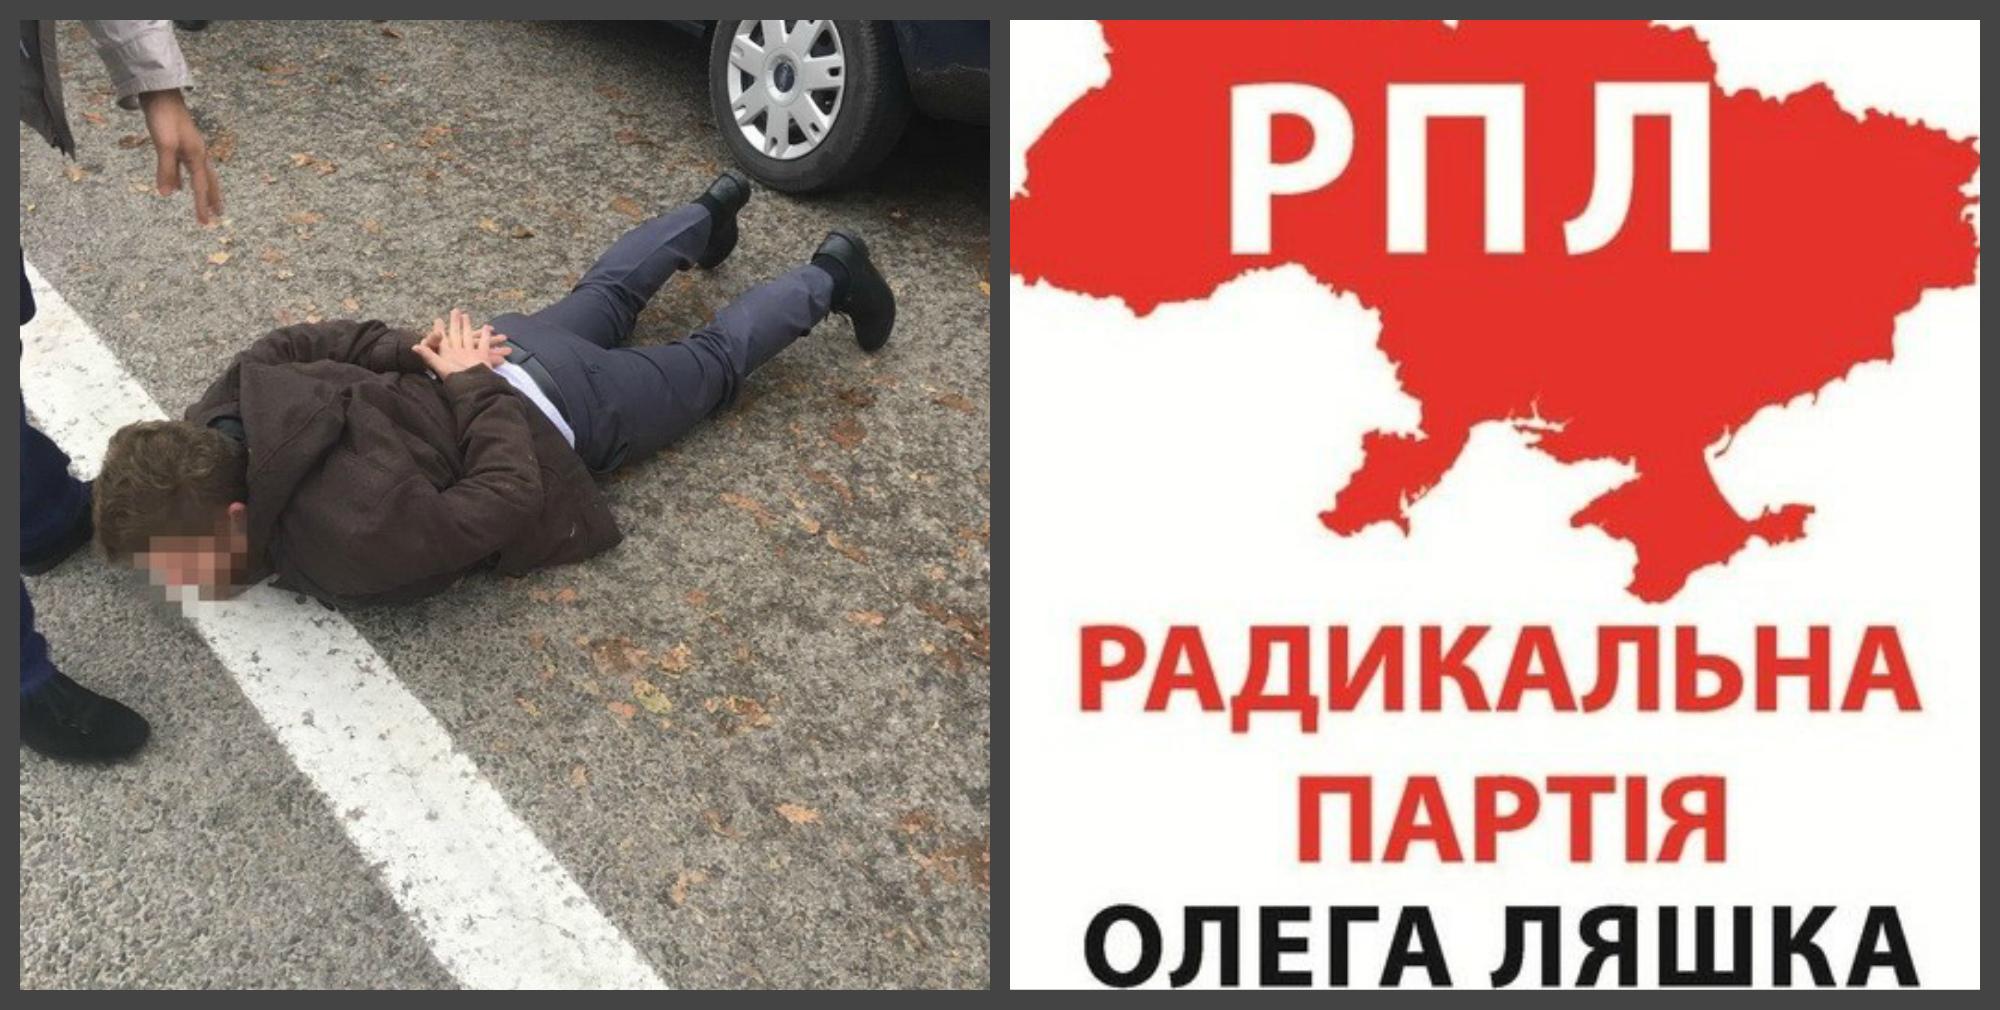 «Скотиняка» отбилась от «стада»: Депутата Ляшкапоймали на взятке (фото)